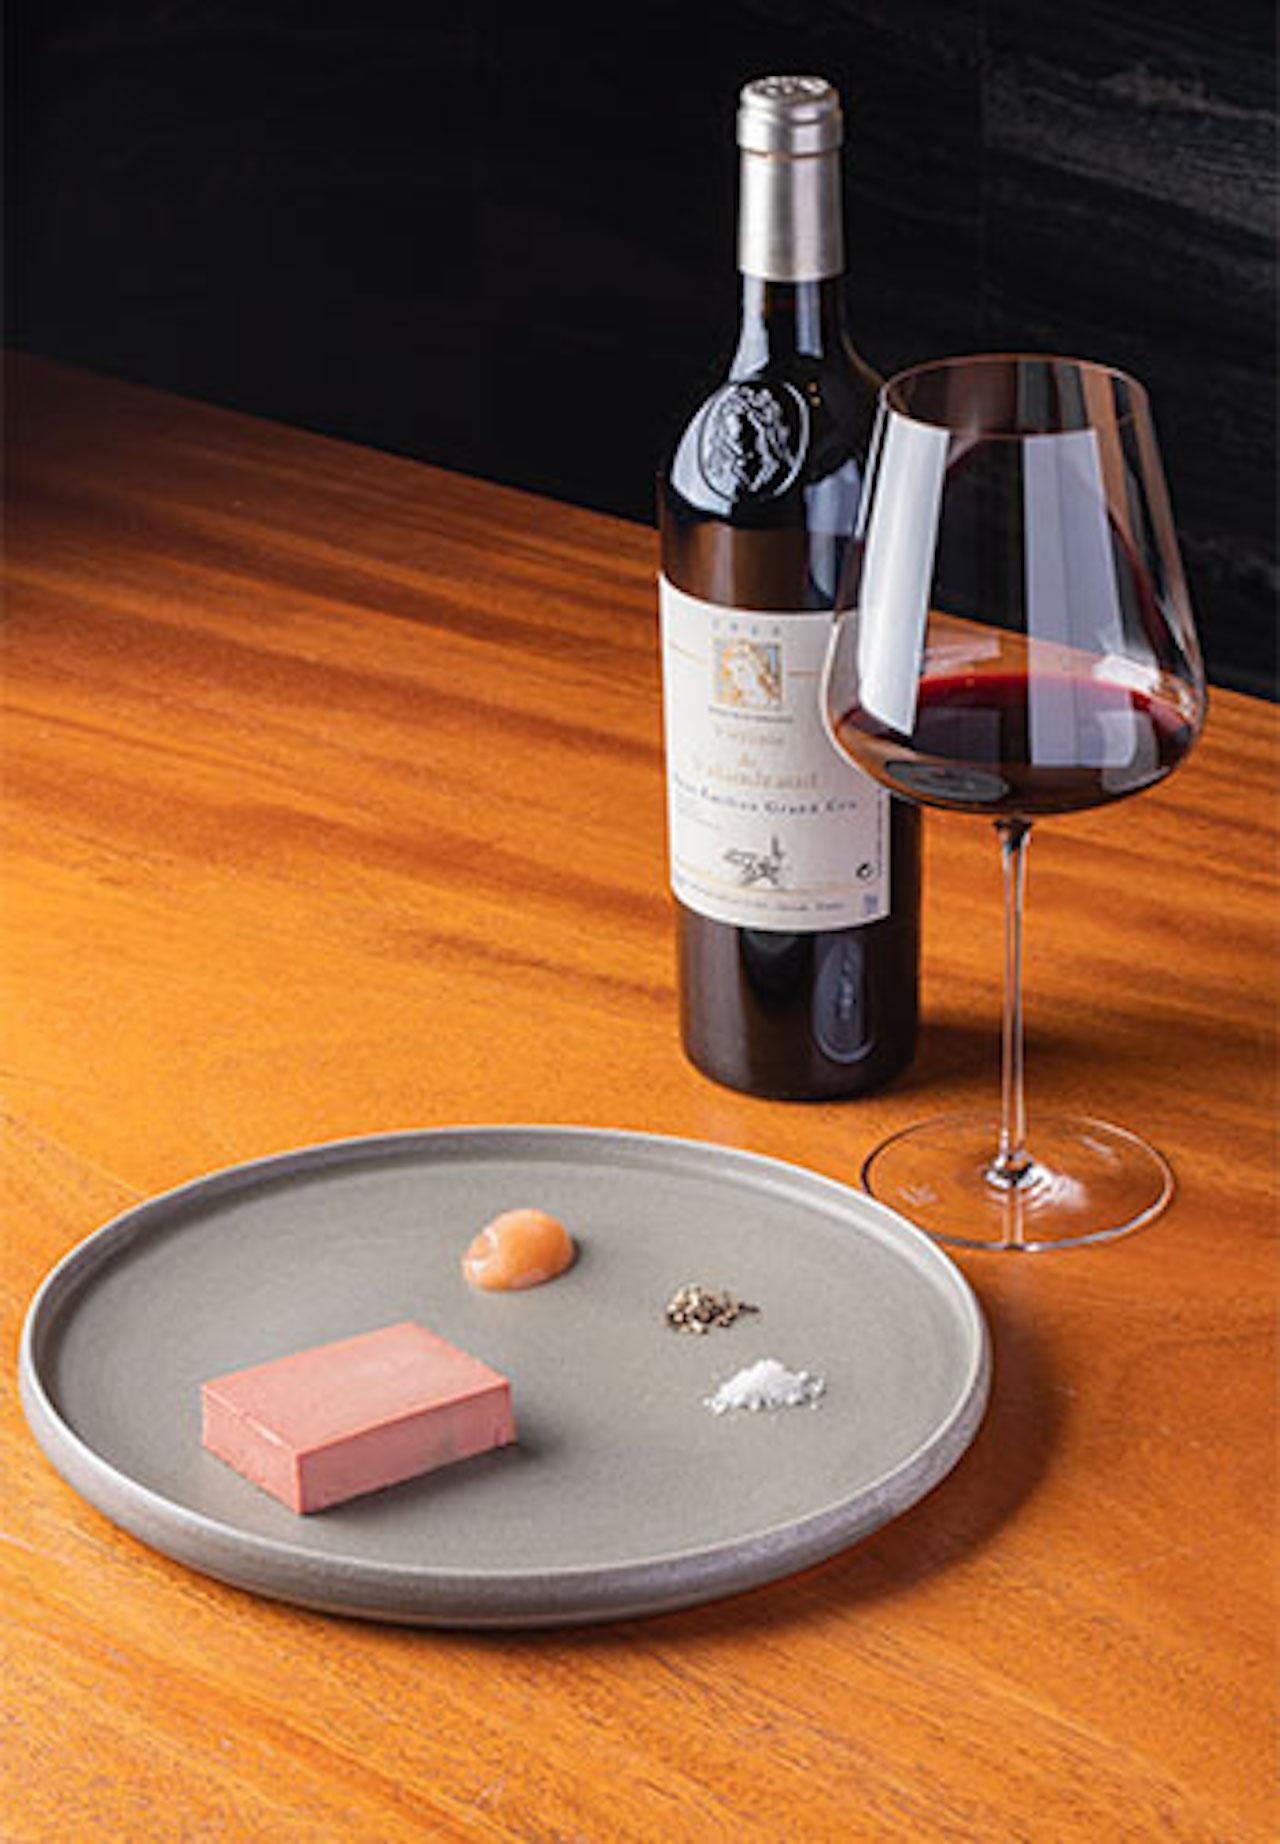 時間をかけて下処理し作られる、鶏レバーのケーキ仕立てリンゴのマルメラータ添え1600円。滑らかで凝縮された旨みが赤ワインに合う